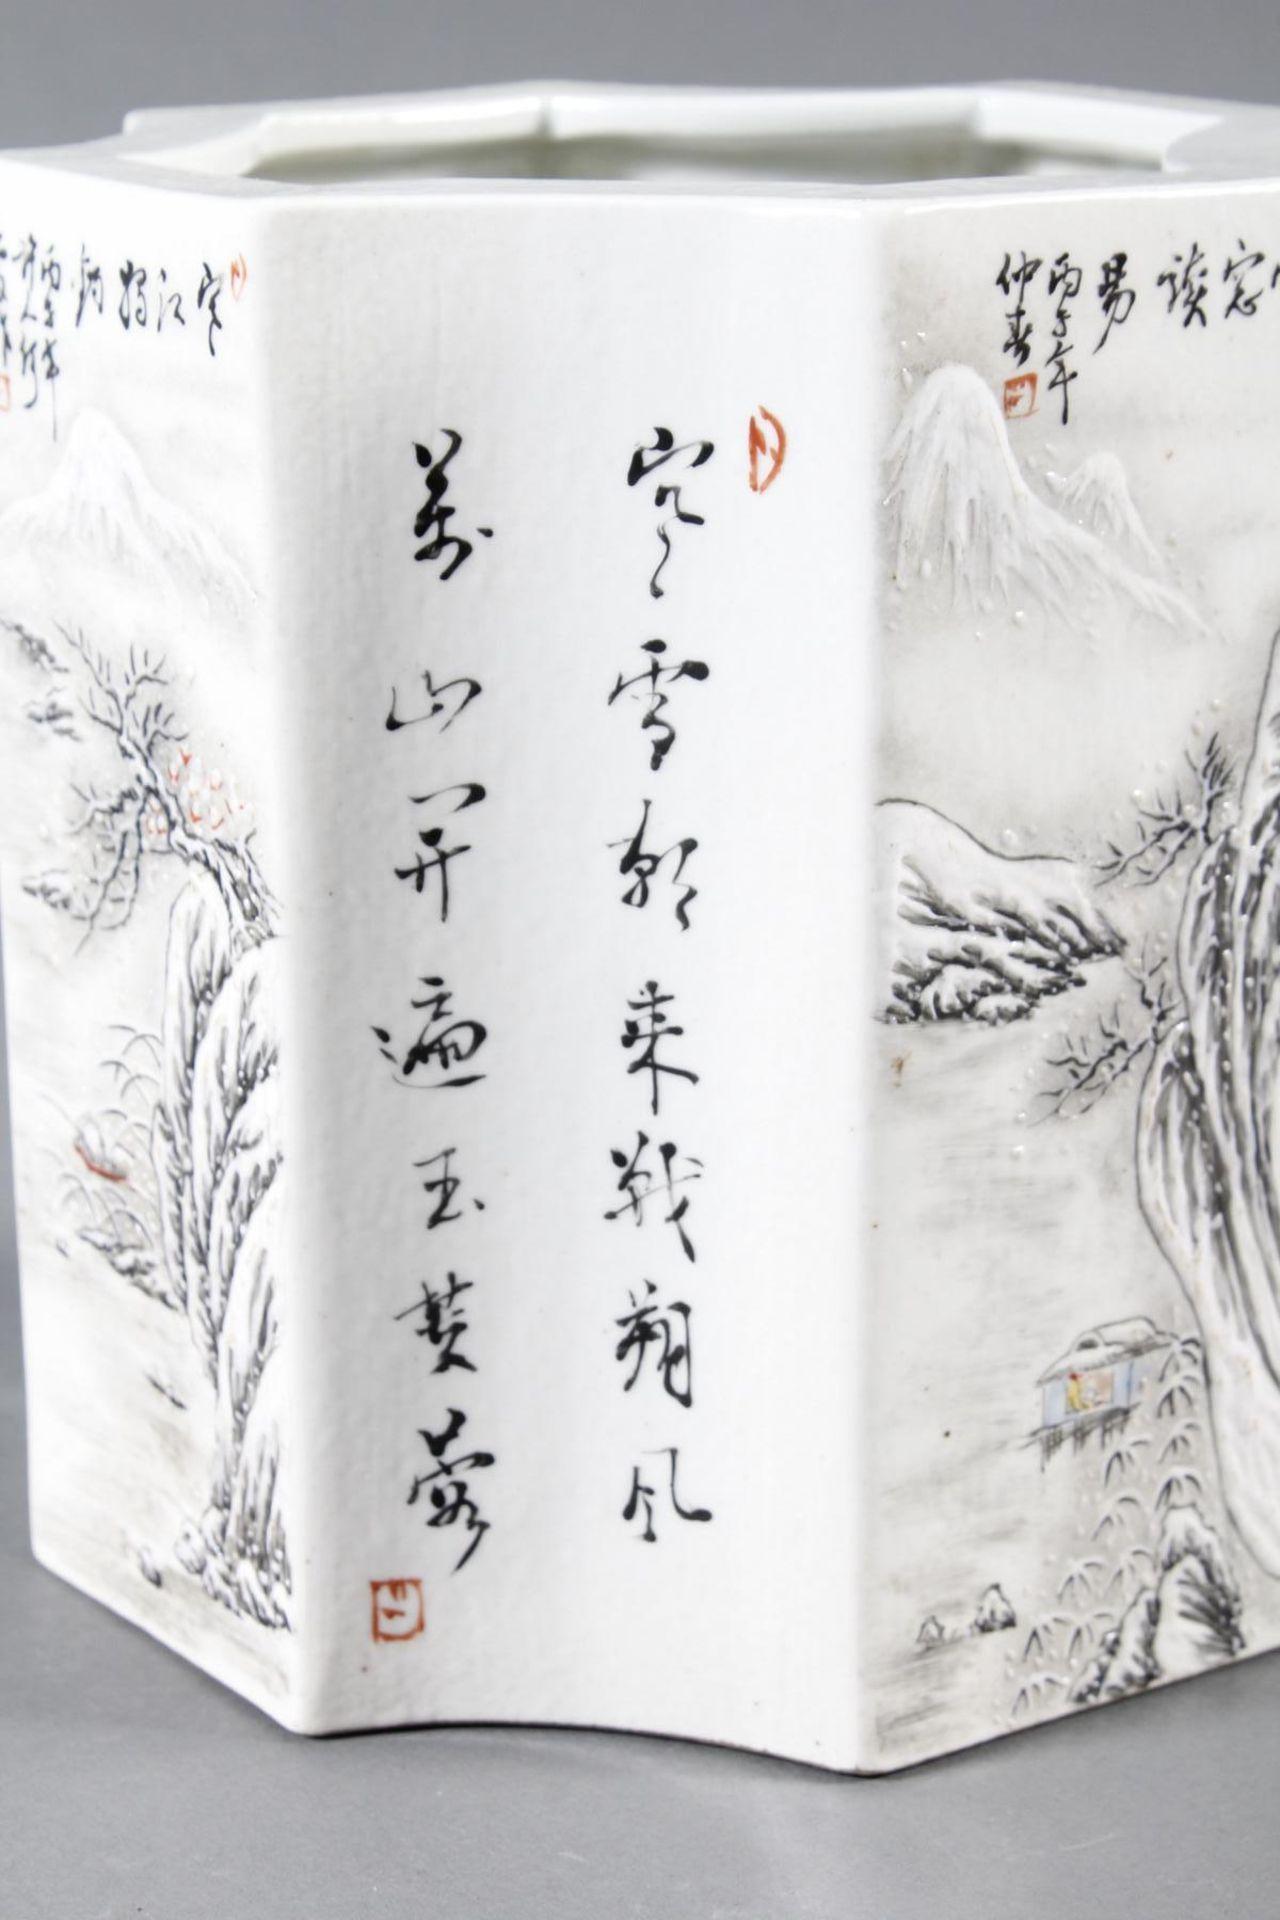 Porzellan-Pinselbehälter, China, Mitte 20. Jahrhundert - Bild 9 aus 15